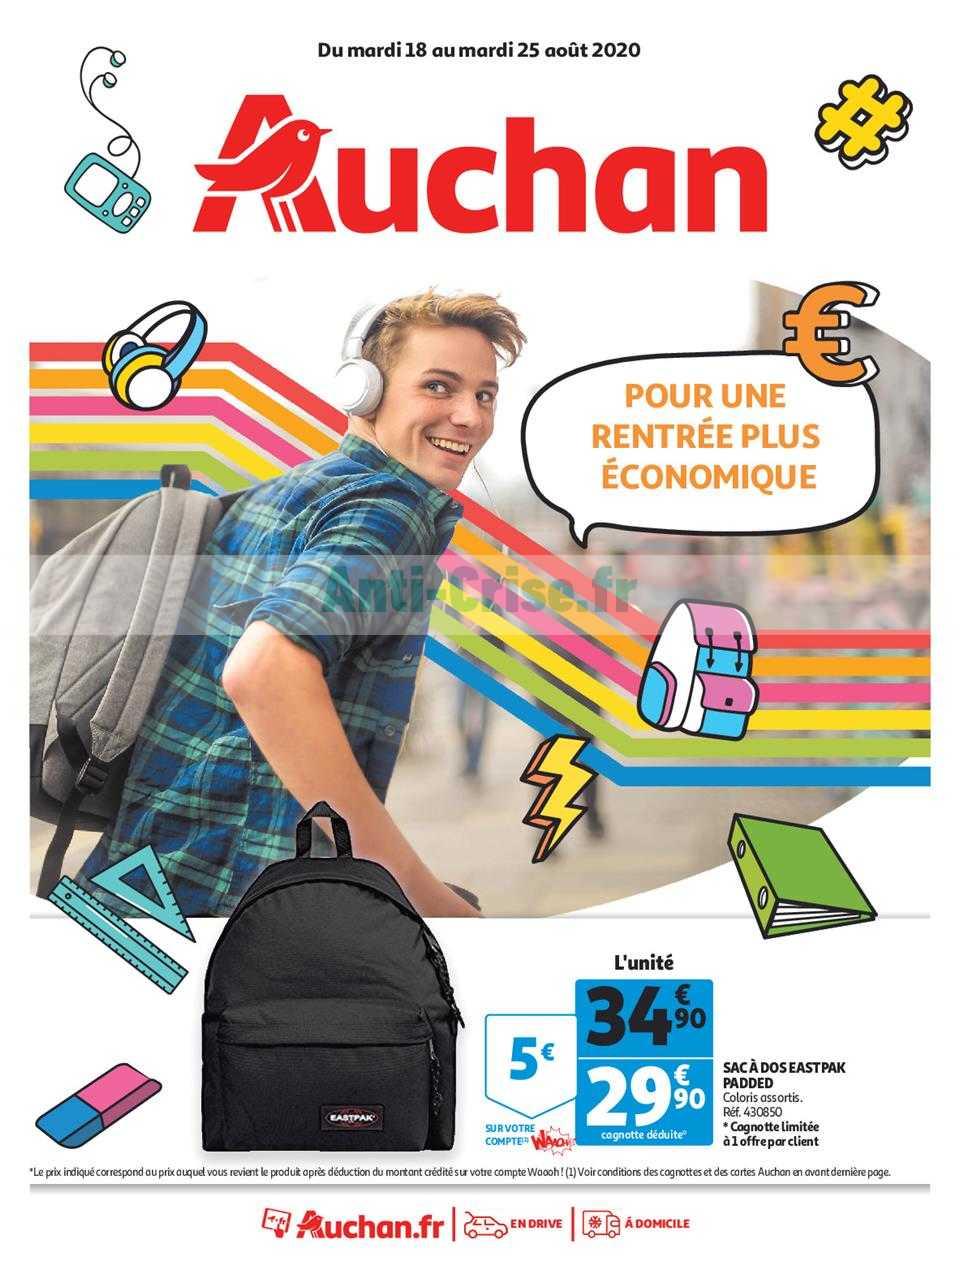 Catalogue Auchan du 18 au 25 août 2020